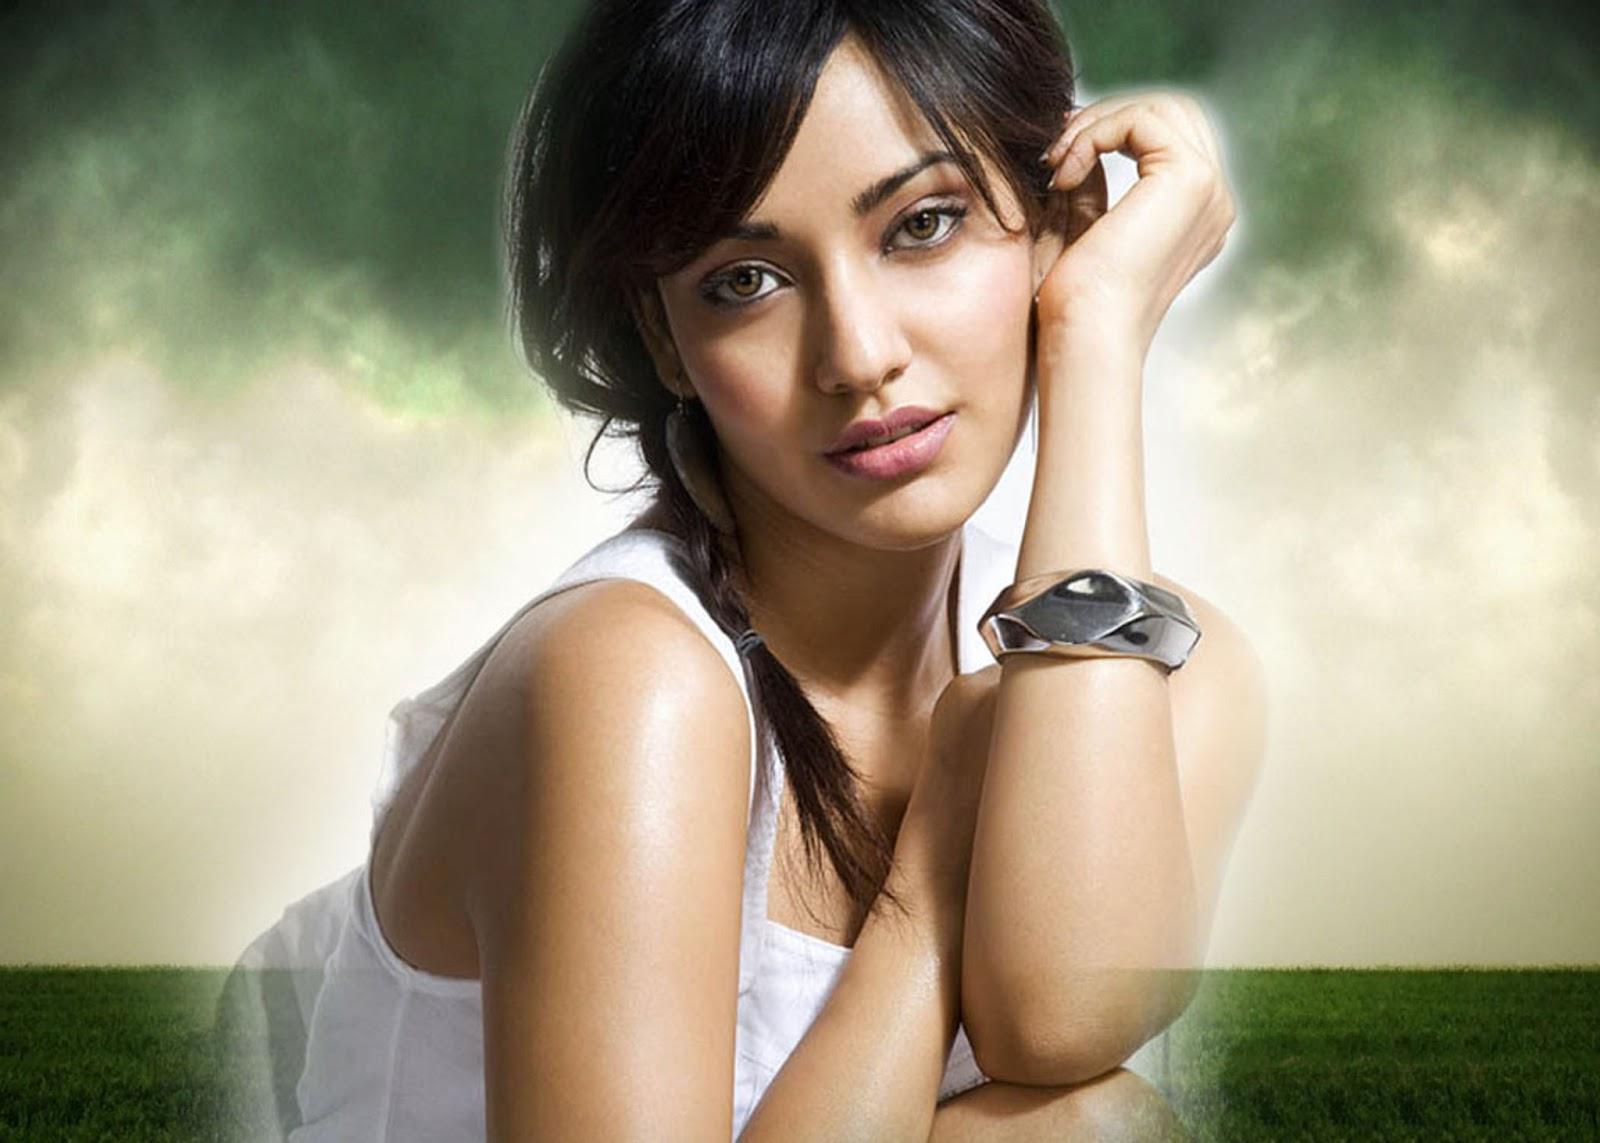 Bollywood Actresses Wallpapers Hd 2013: Neha Sharma Sexy Bollywood Actress